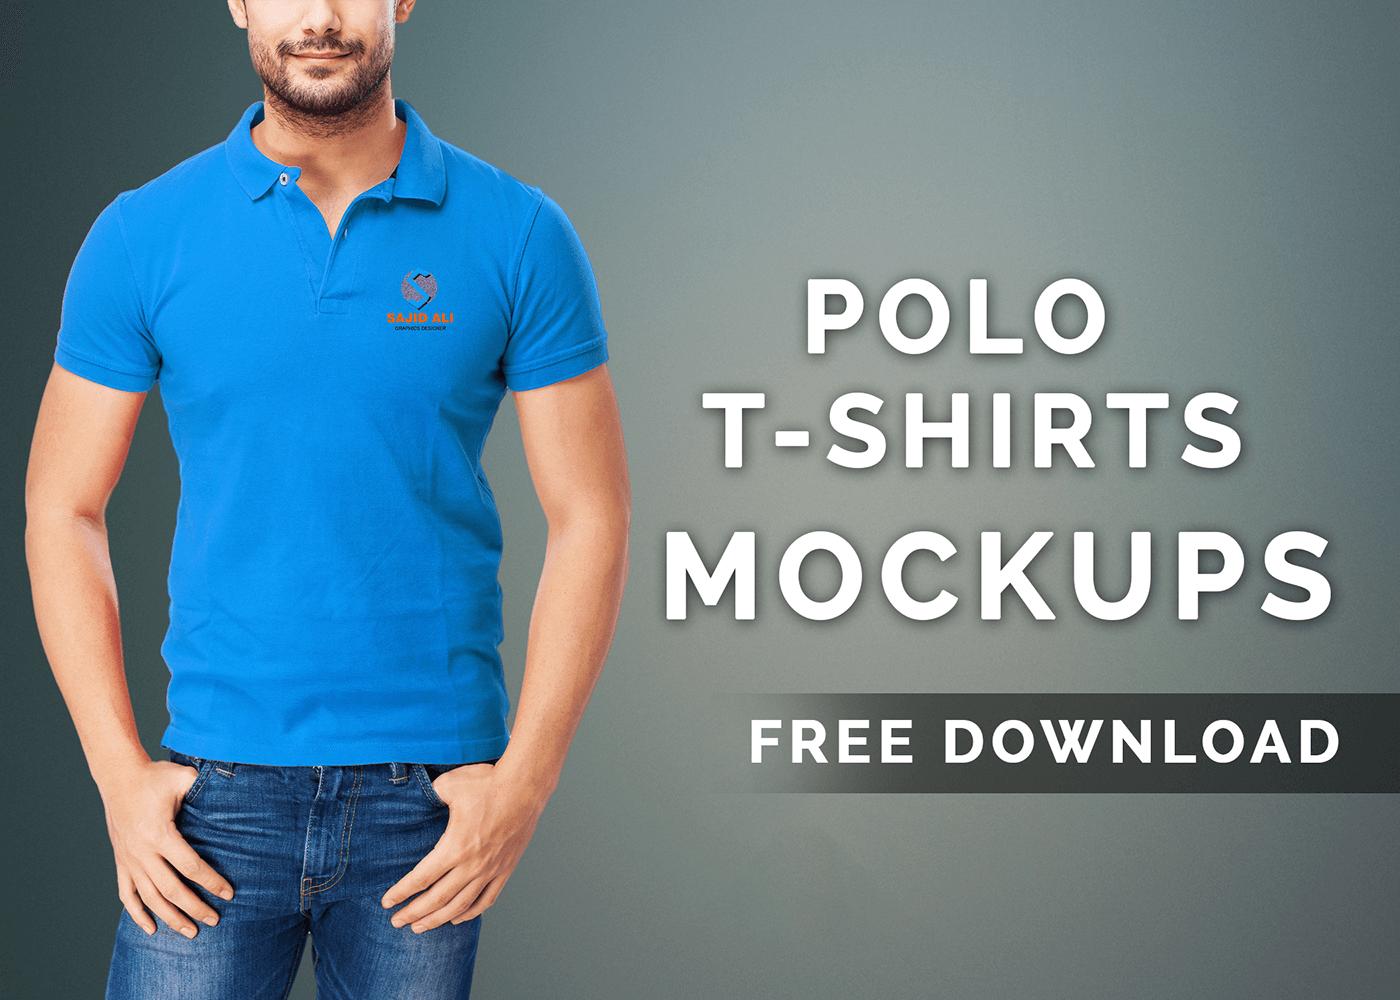 мокап футболки поло. set of polo shirt mockups